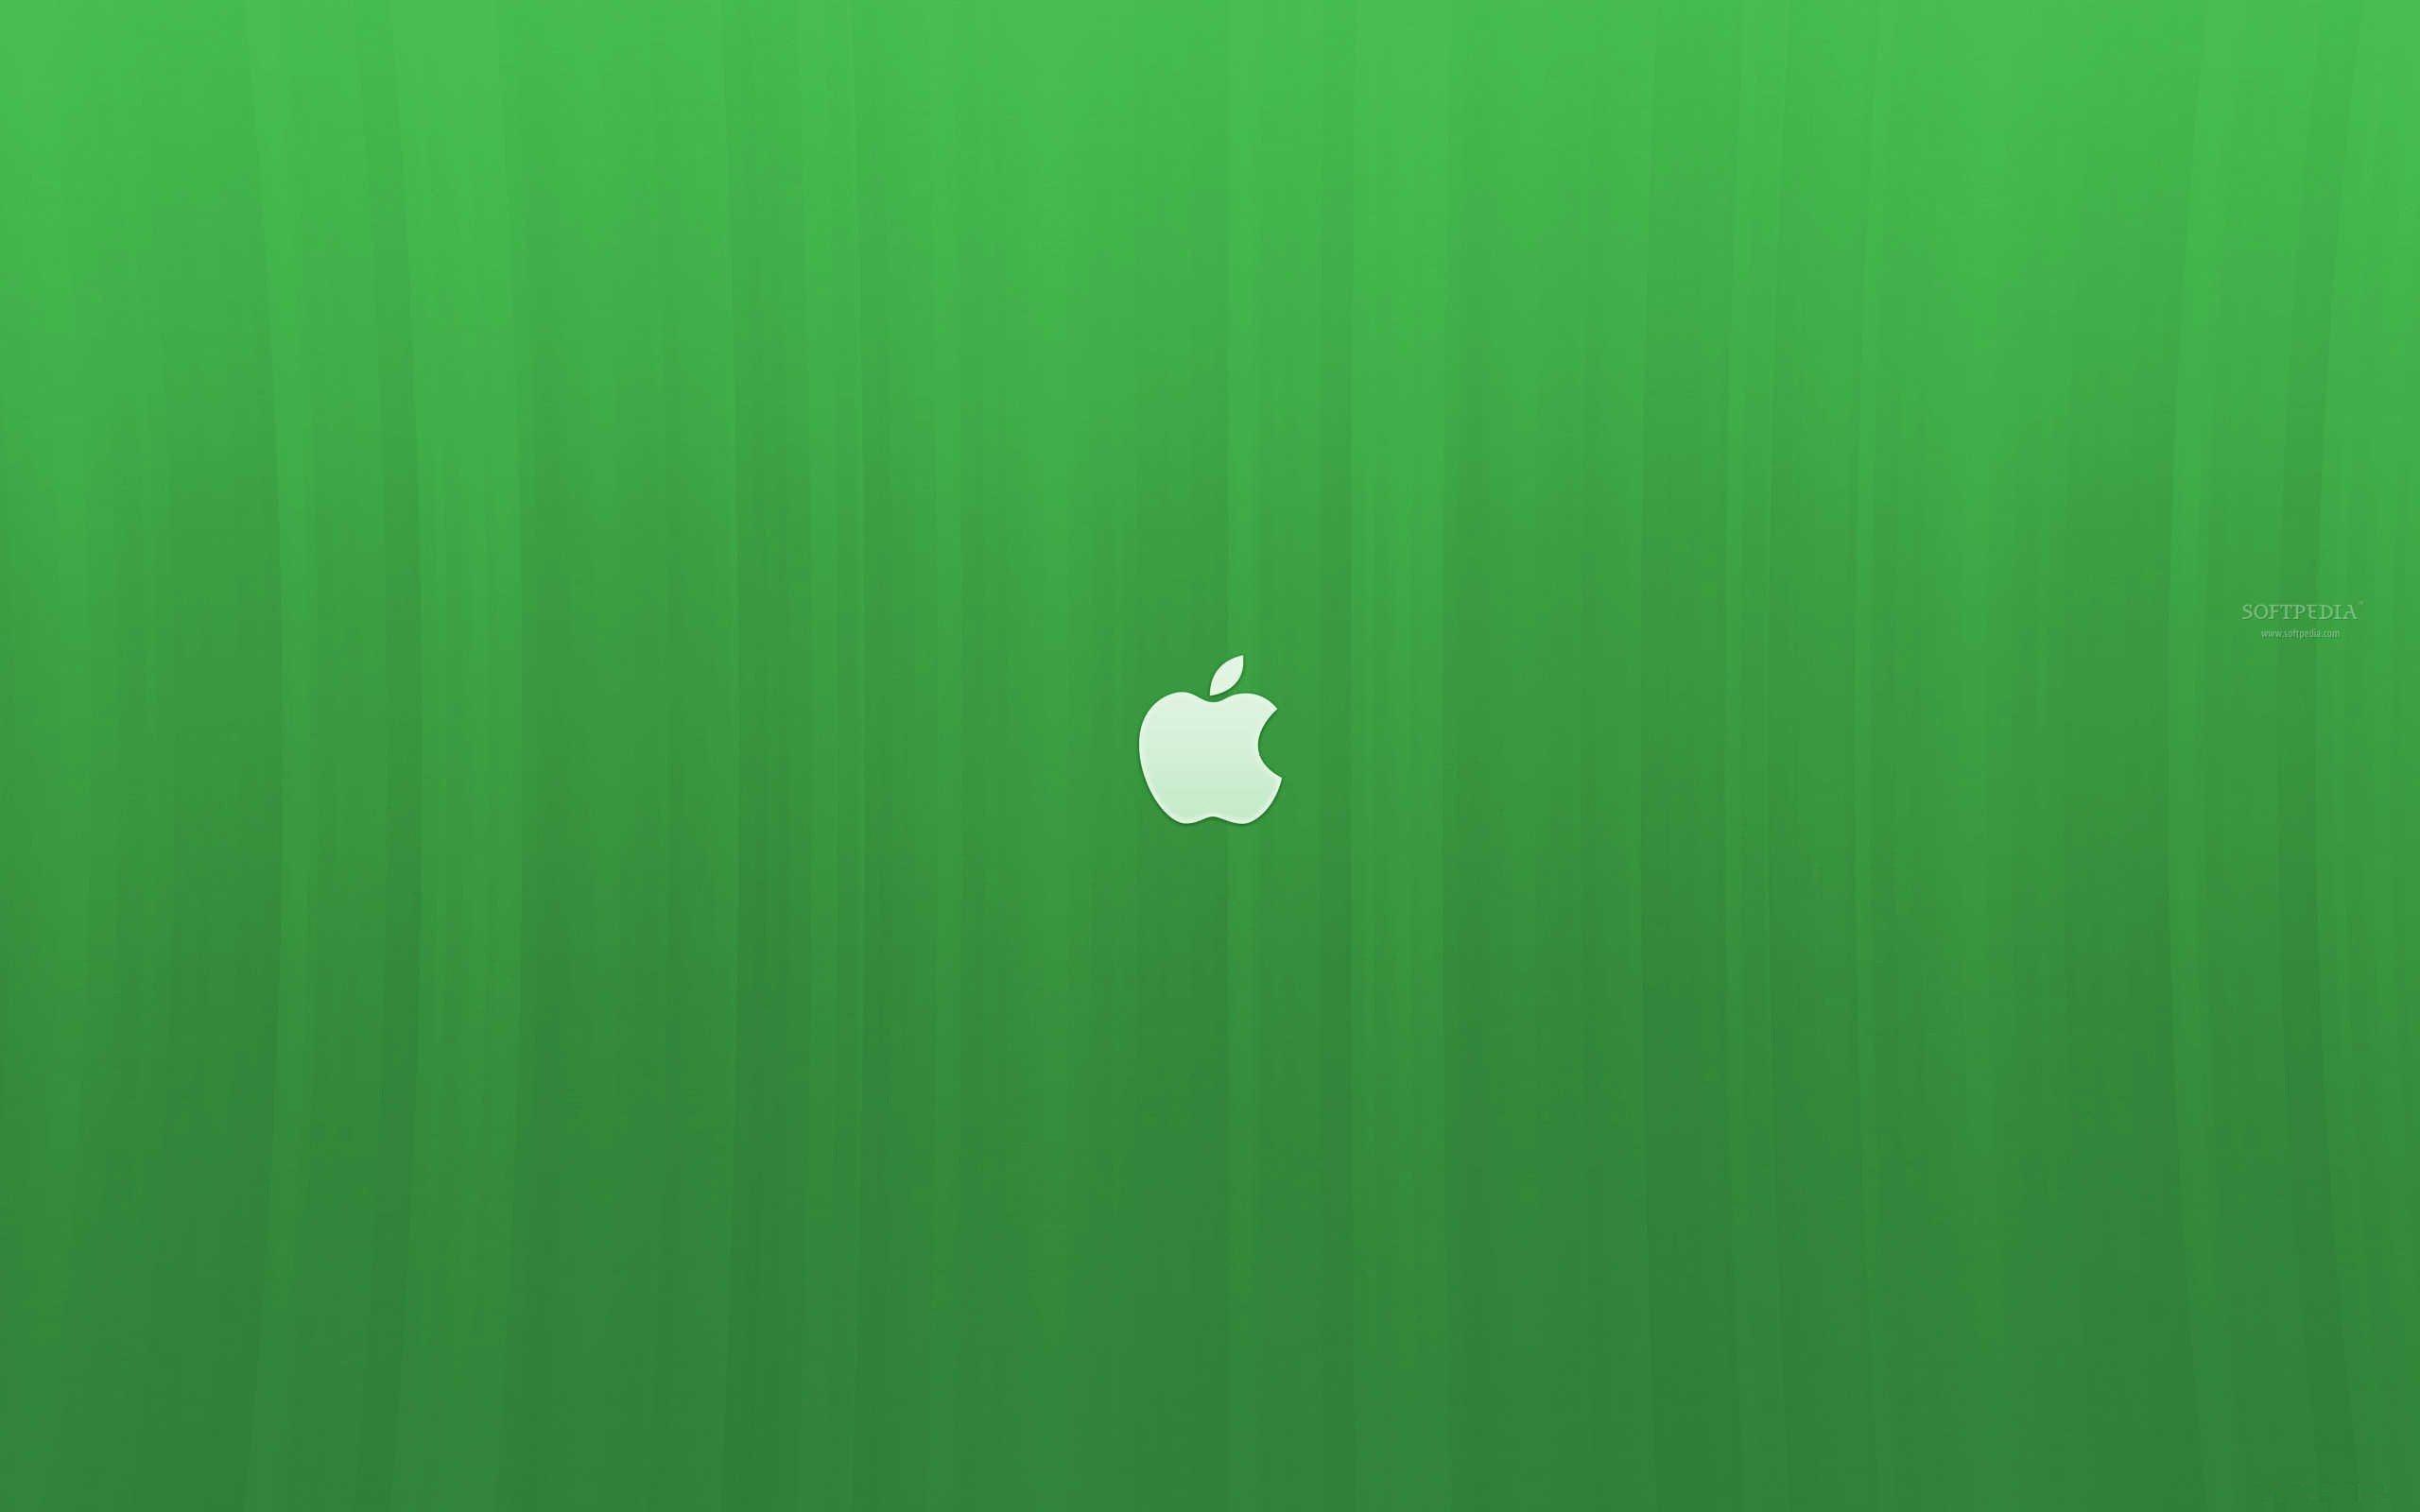 Green Apple Inc Linux Logos Wallpaper 2560x1600 321238 Wallpaperup